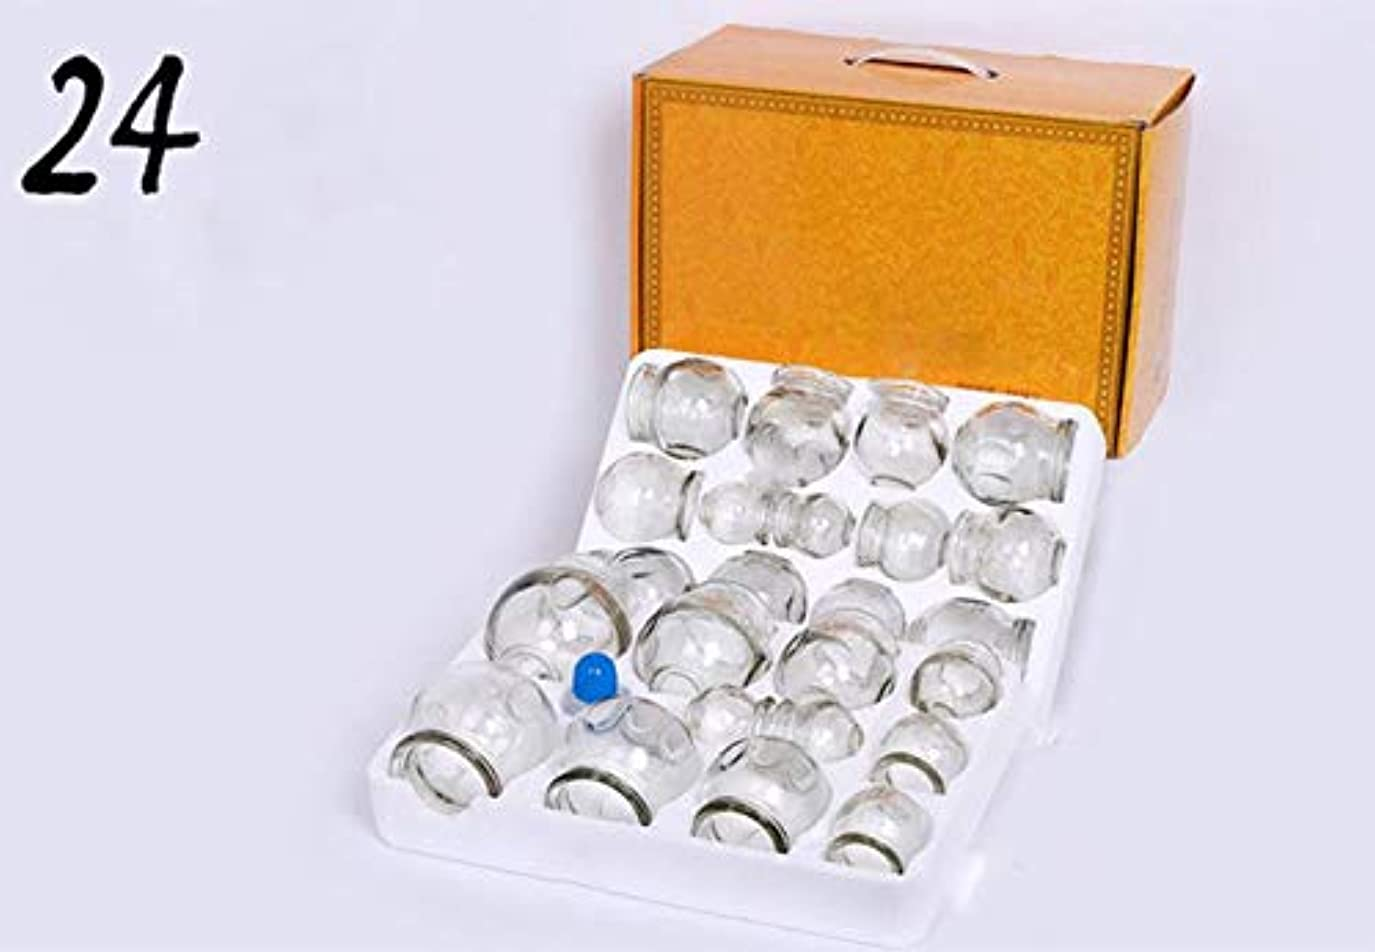 接続アトム項目カッピング/ガラスカッピング/増粘火災治療全身倦怠感/フィットネス/健康マッサージ/除湿を低減するために使用さ防爆カッピング/ 16のボトル (Color : White, Size : 24 cans)